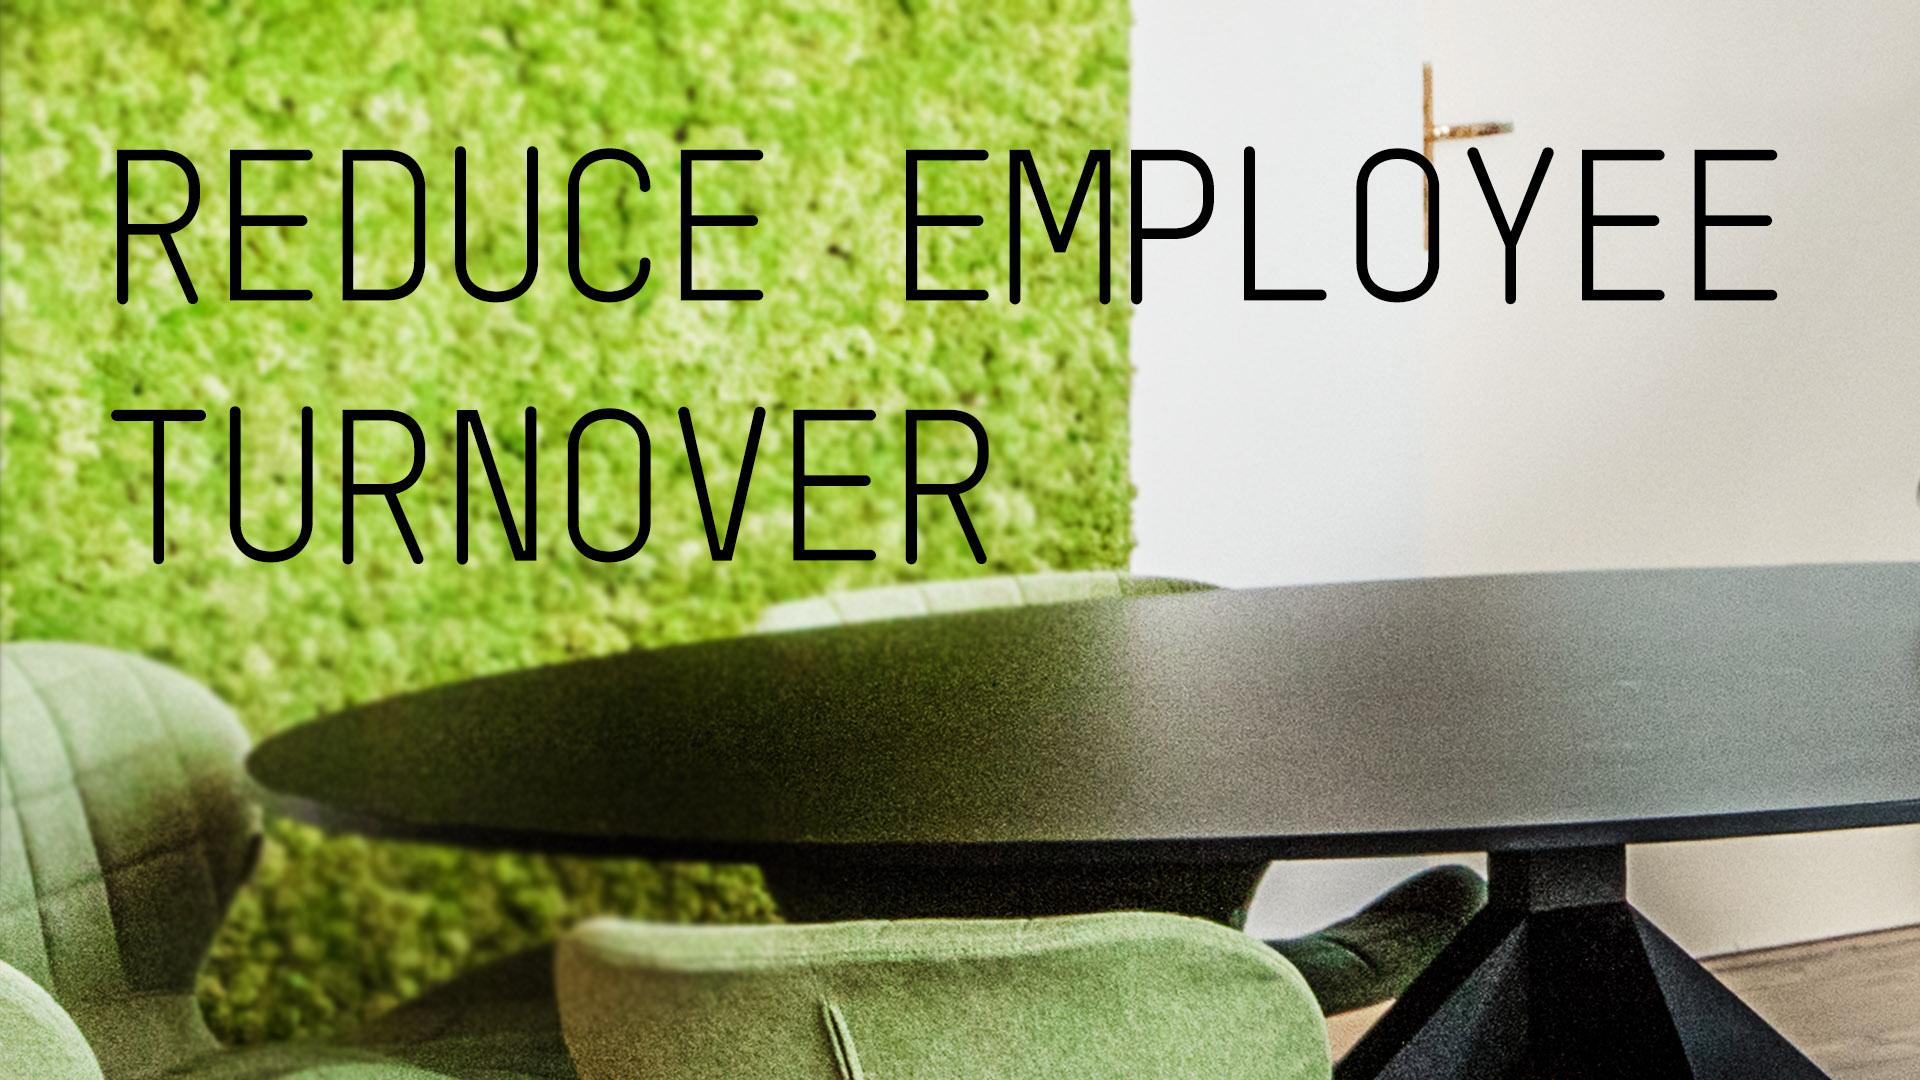 AKKA Architects_Blog_Reduce employee turnover